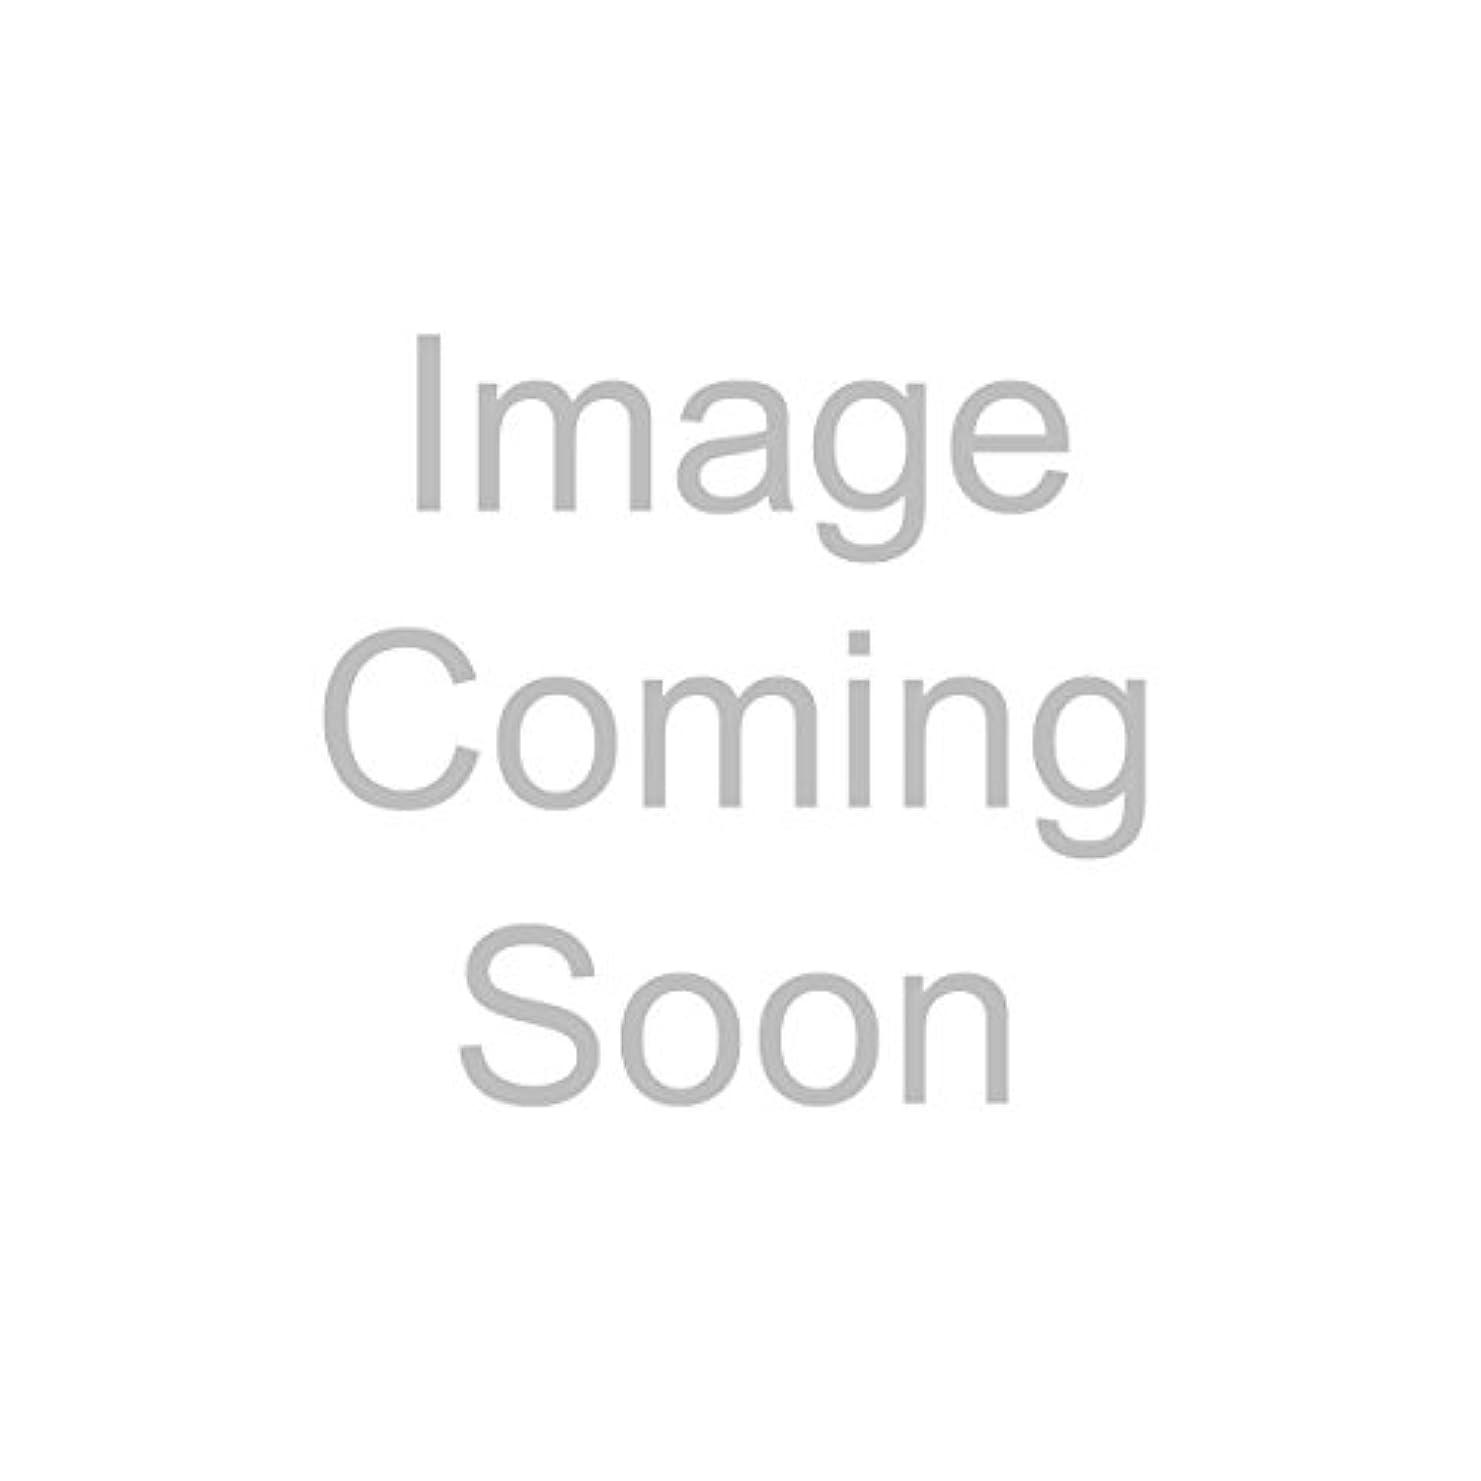 滅びるフェデレーションかもめRMK アールエムケー クリーミィ ポリッシュト ベース N #01 アイボリー 30g